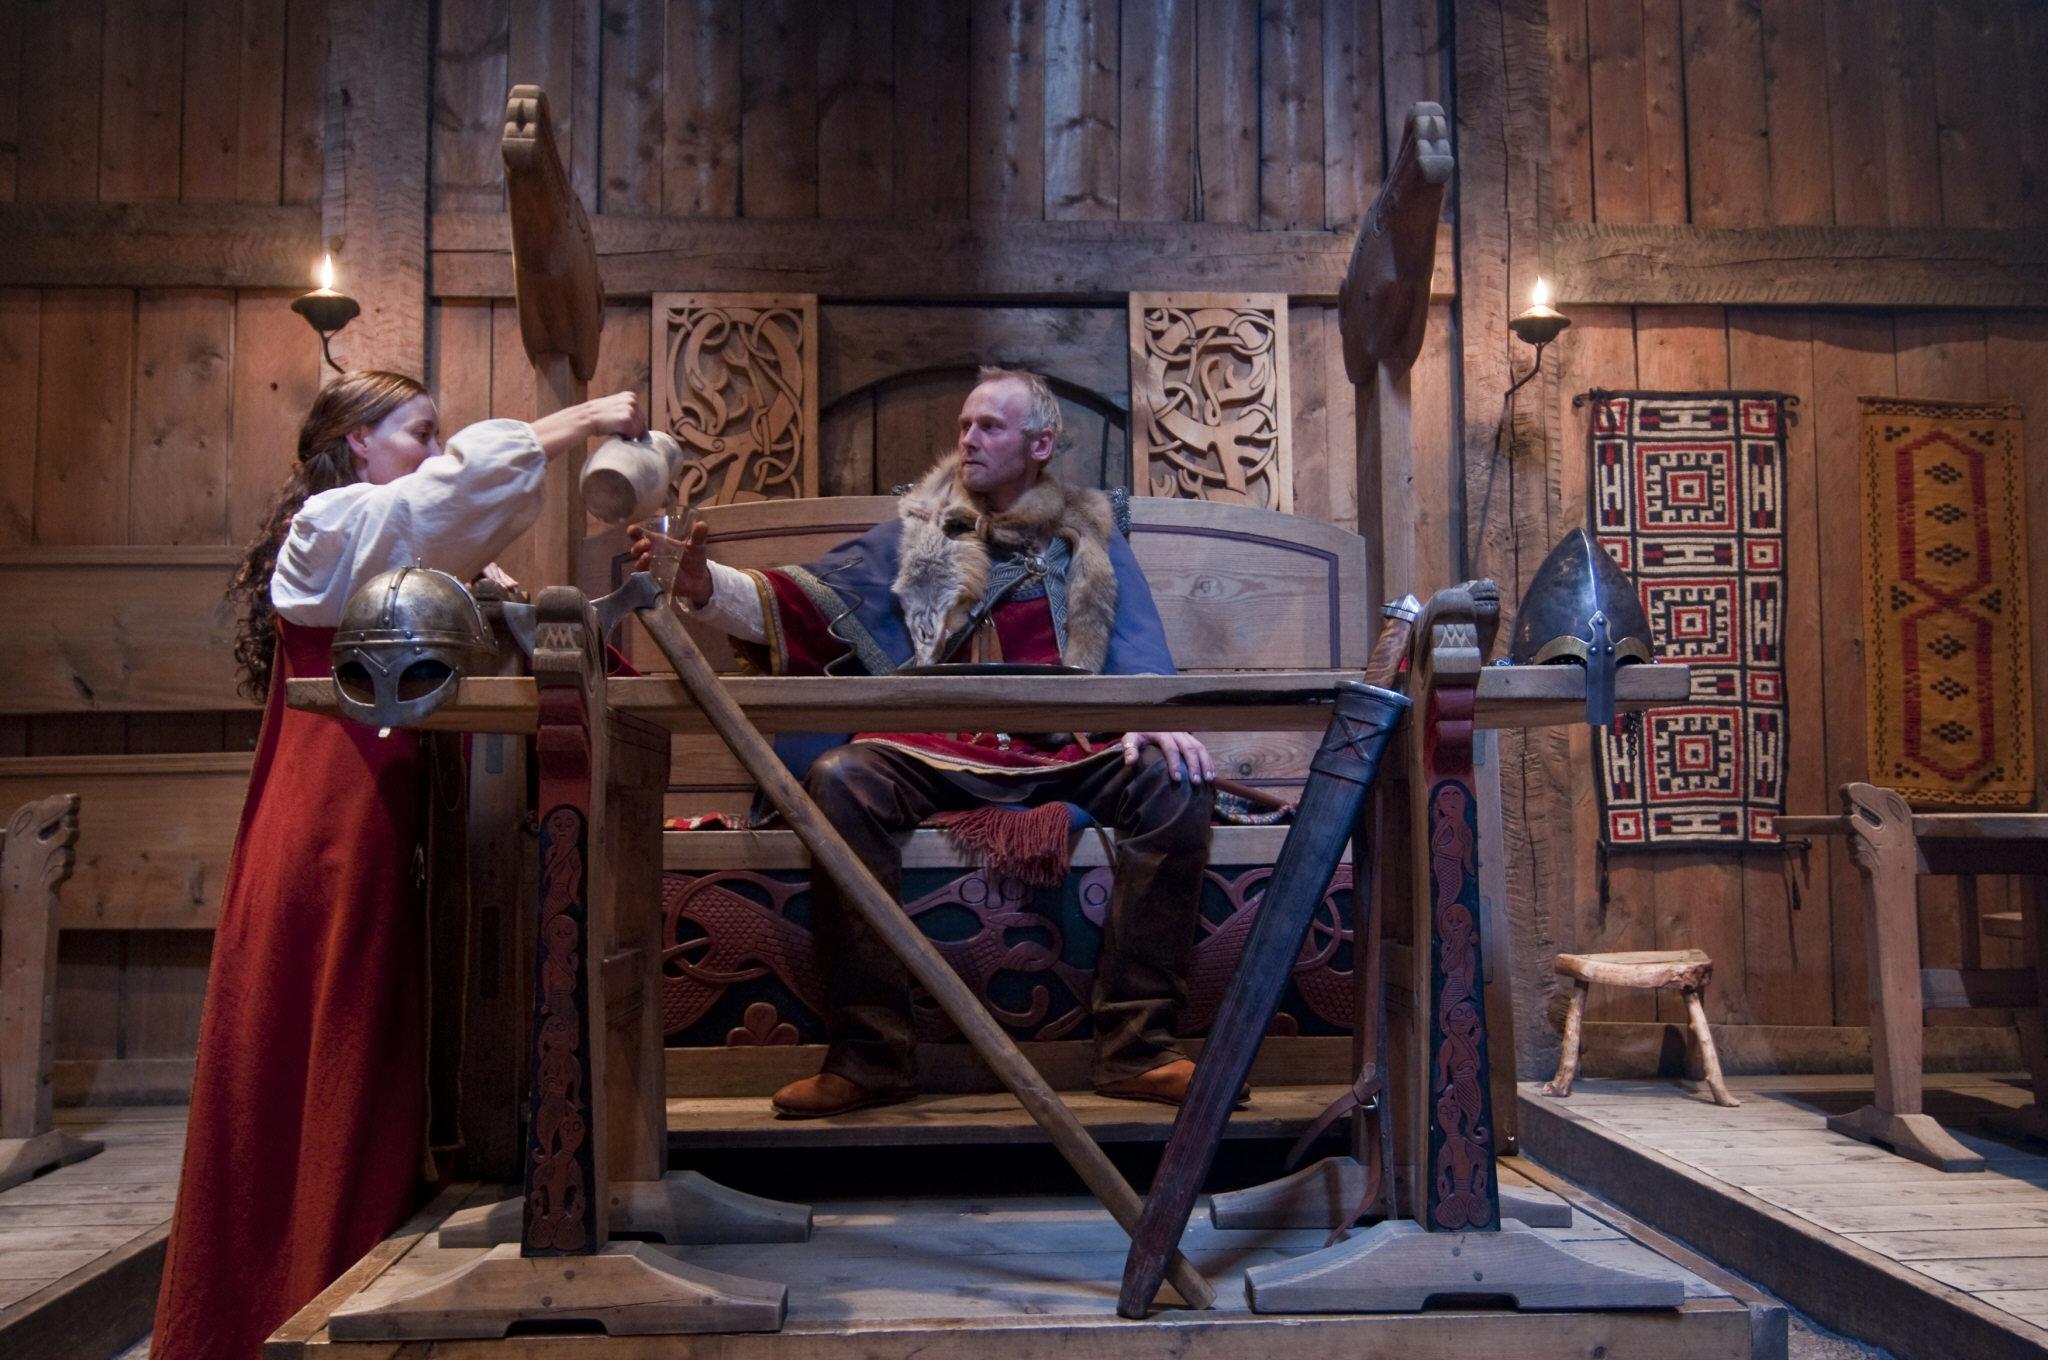 музей викингов лофотр фото модельного ряда, перечень